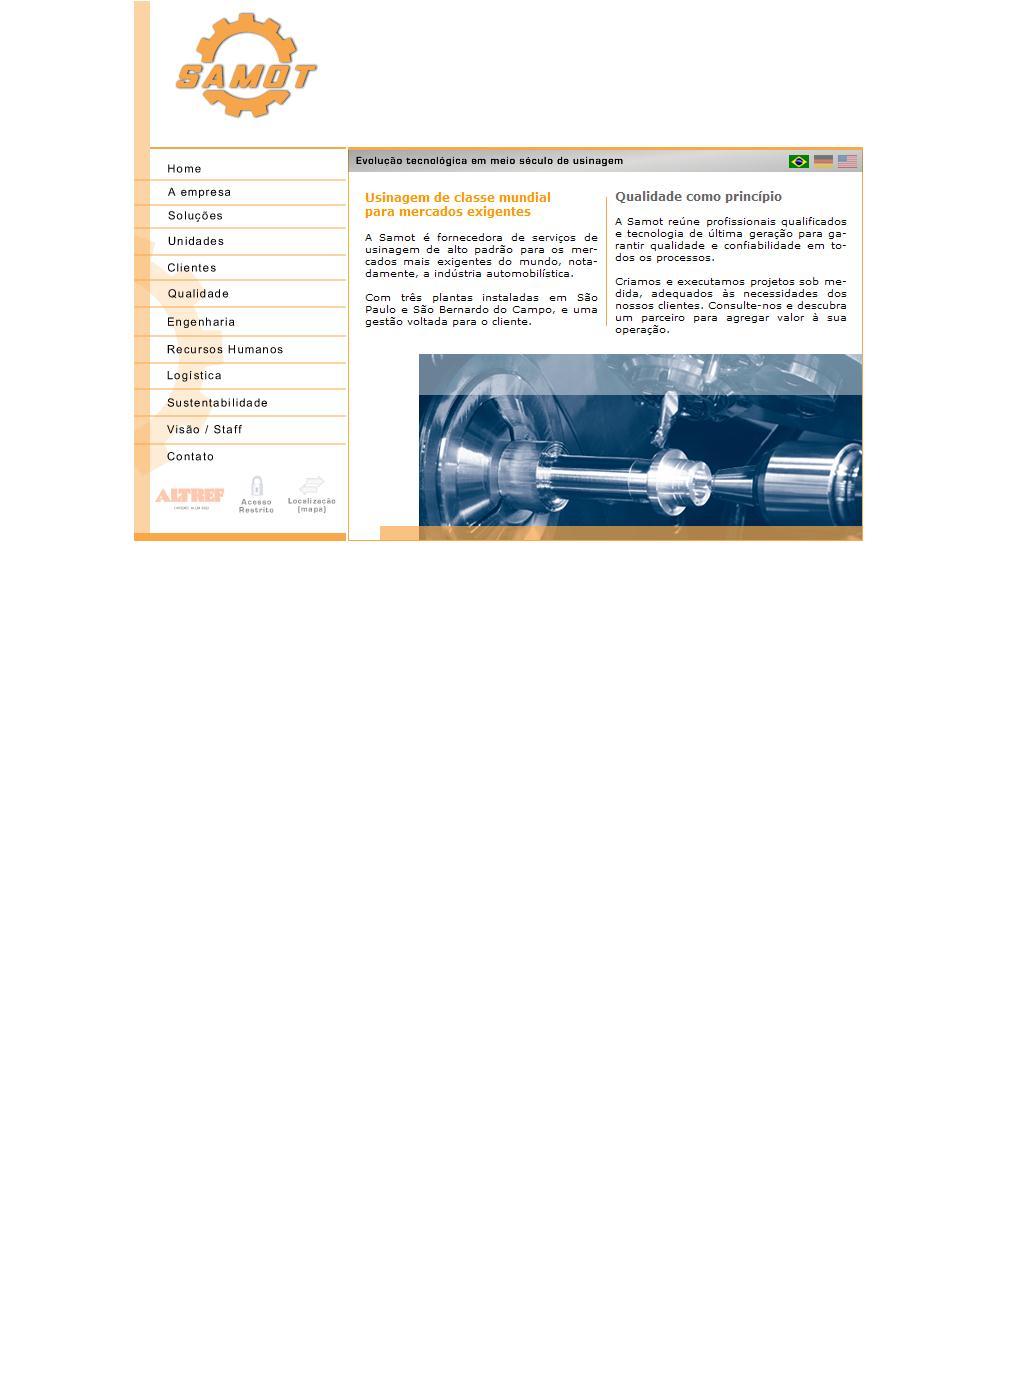 Samot - Tecnologia e precisão na indústria mecânica